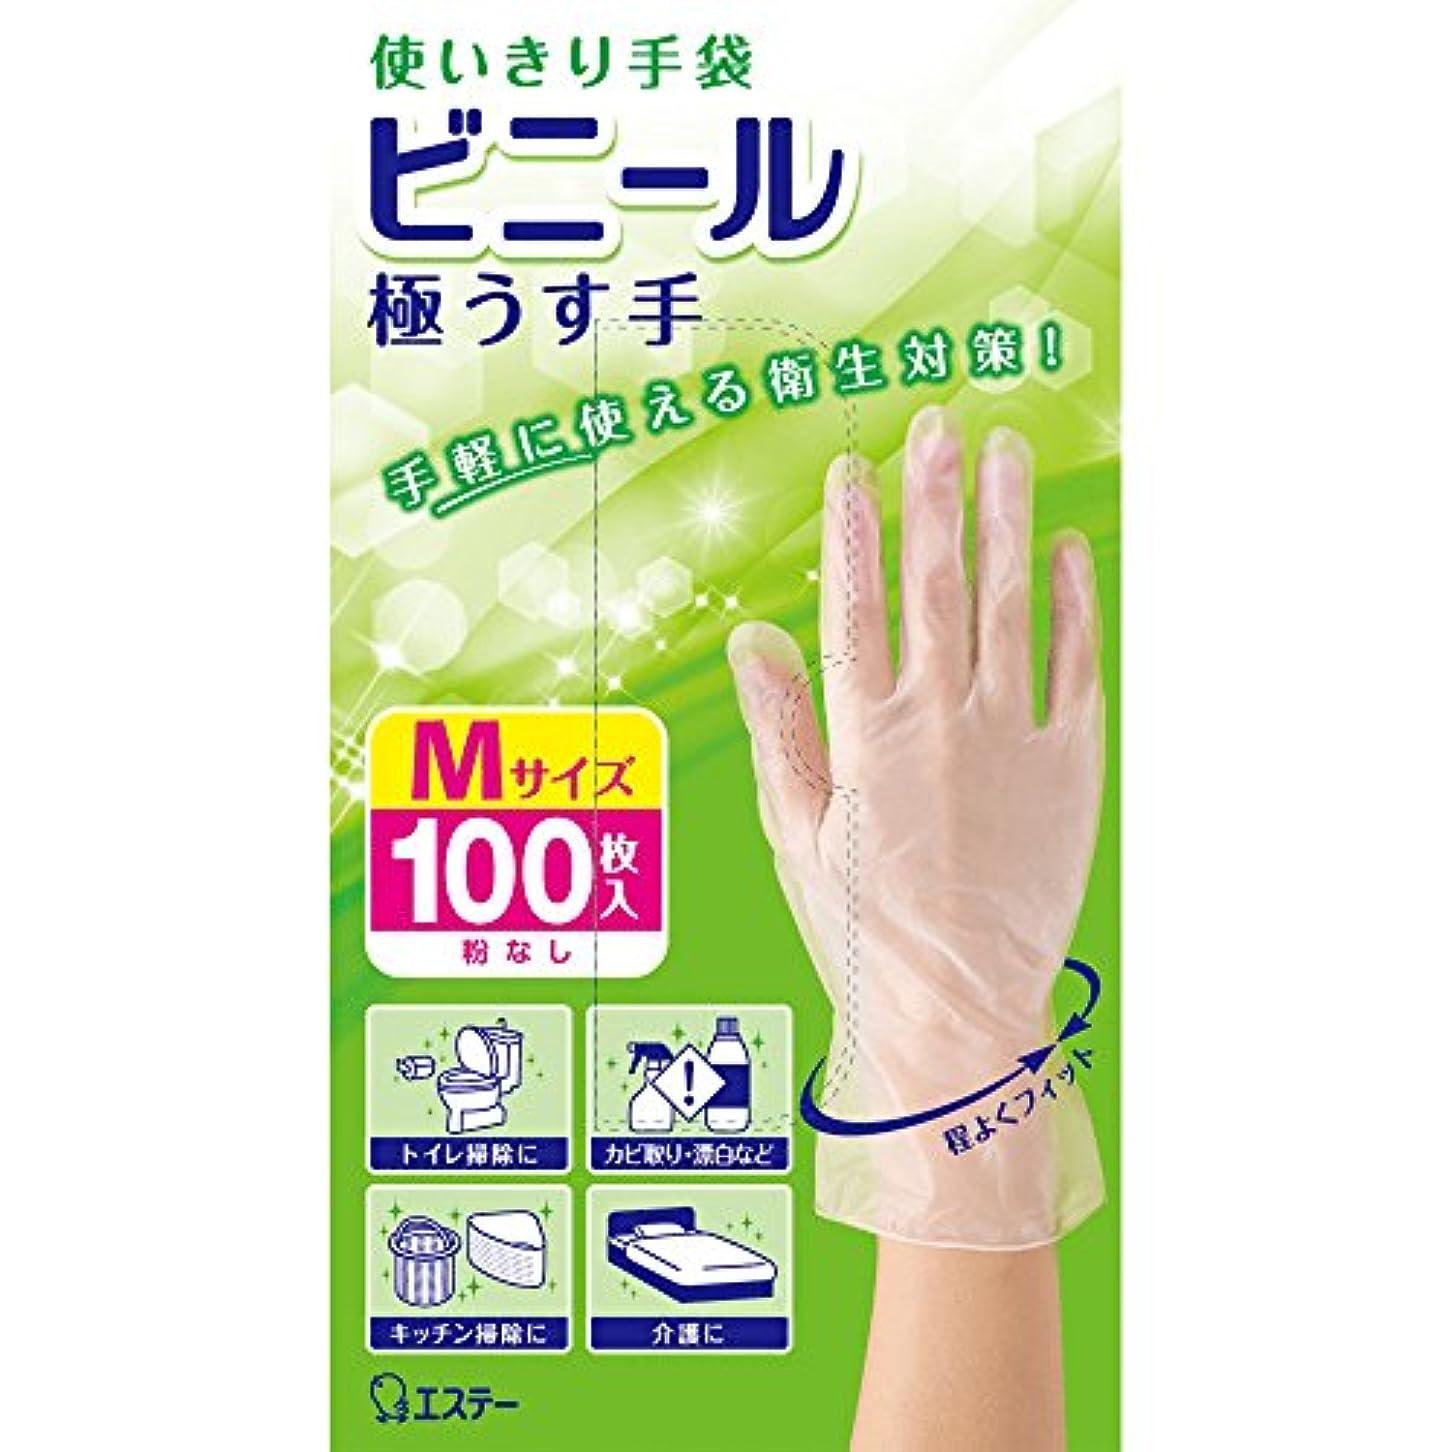 またはどちらかカストディアン孤独な使いきり手袋 ビニール 極うす手 炊事?掃除用 Mサイズ 半透明 100枚